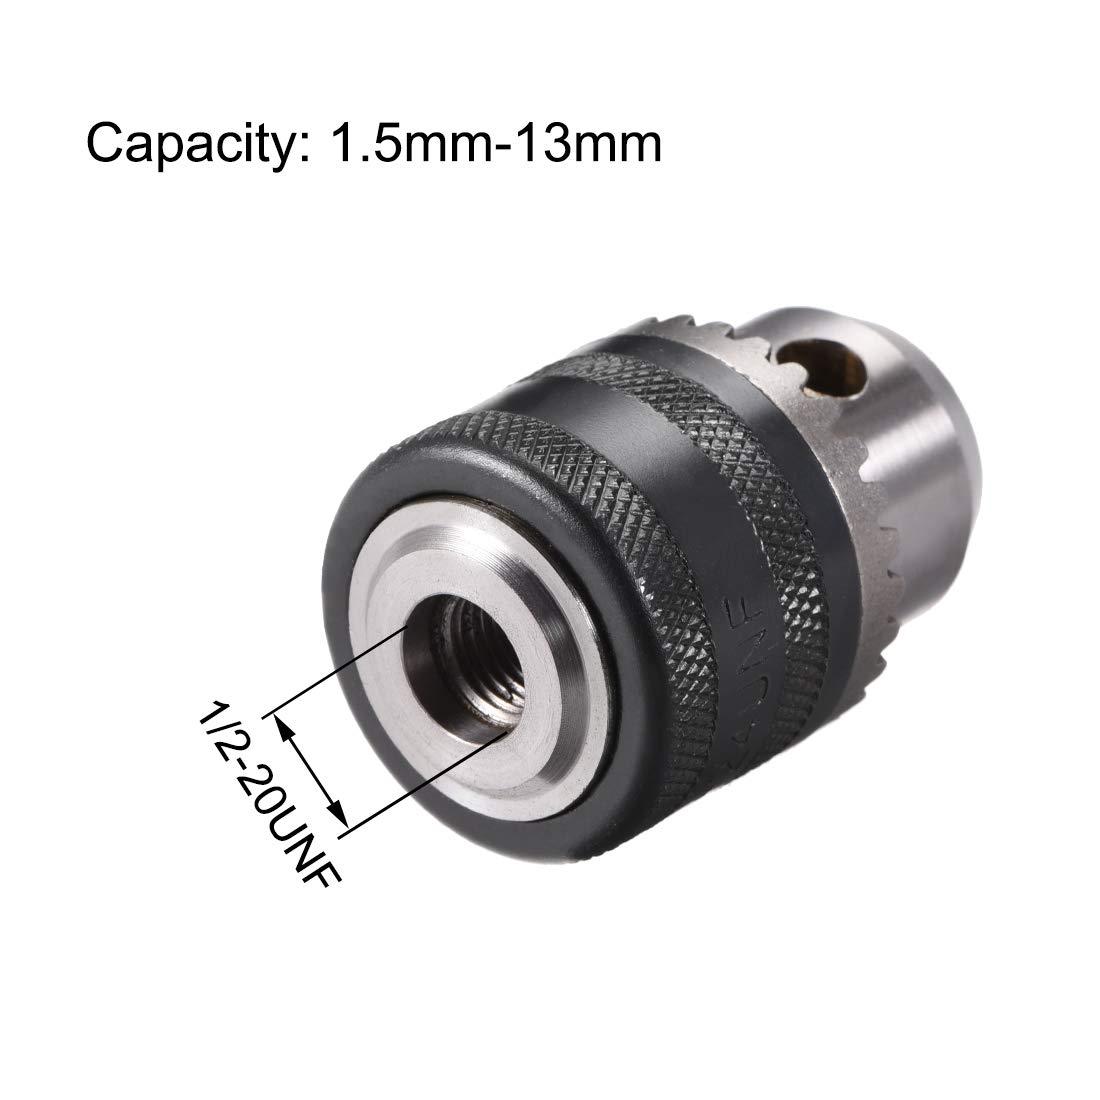 Sourcingmap a12092800ux0619-1//2-20 unf montar capacidad de perforaci/ón 1.5-13mm llave de sujeci/ón w sds m/ás v/ástago